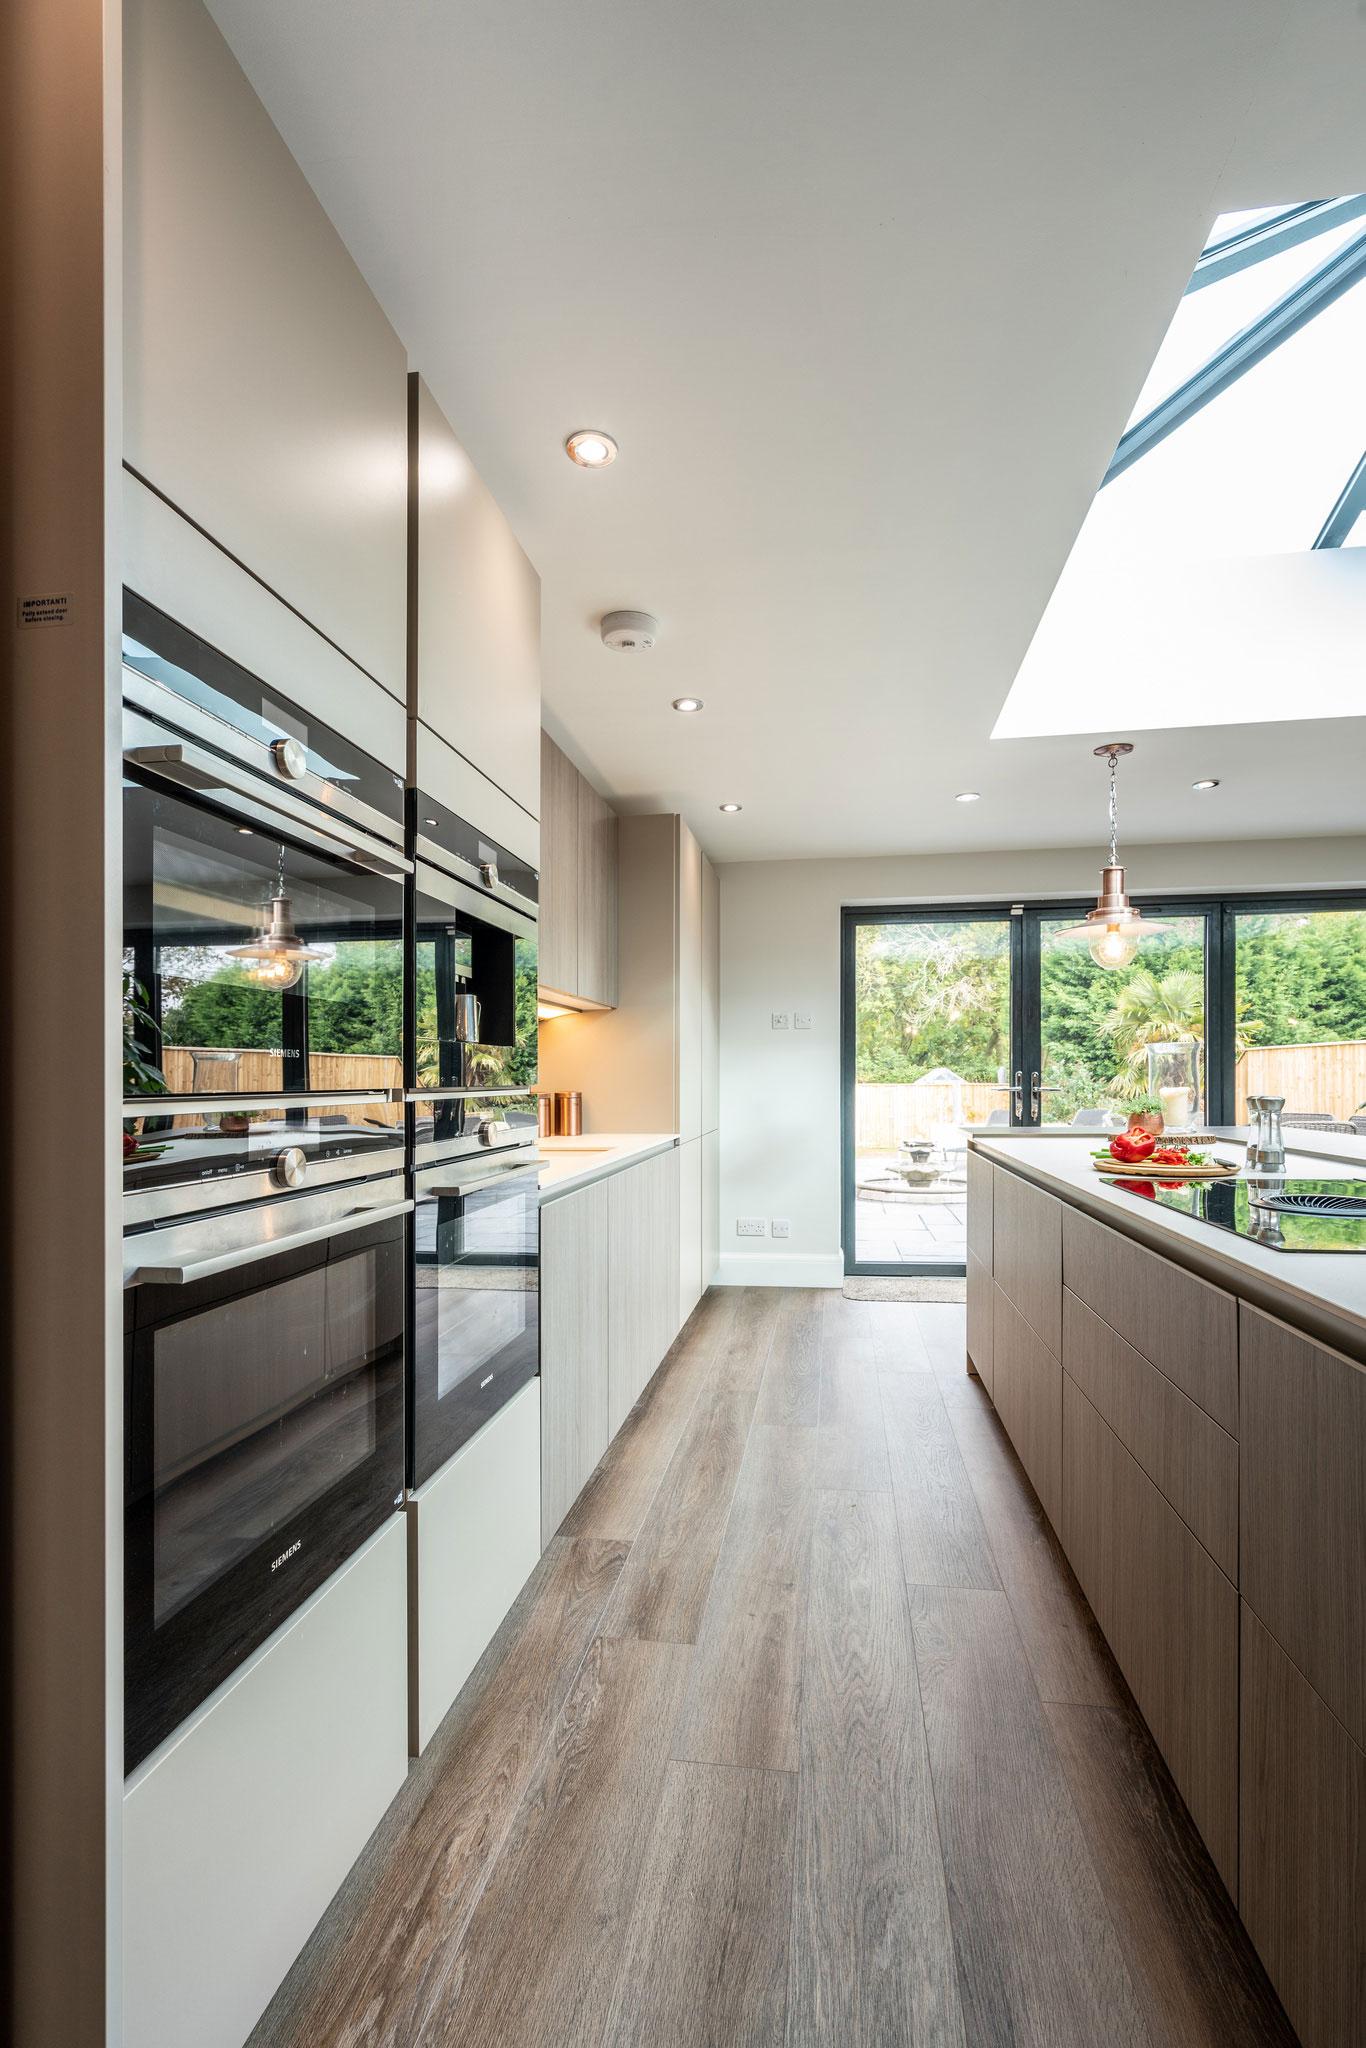 Image of Myers Touch Daniels Kitchen 01102 ZF 2442 14358 1 043 in Uno spazio progettato per socializzare - Cosentino